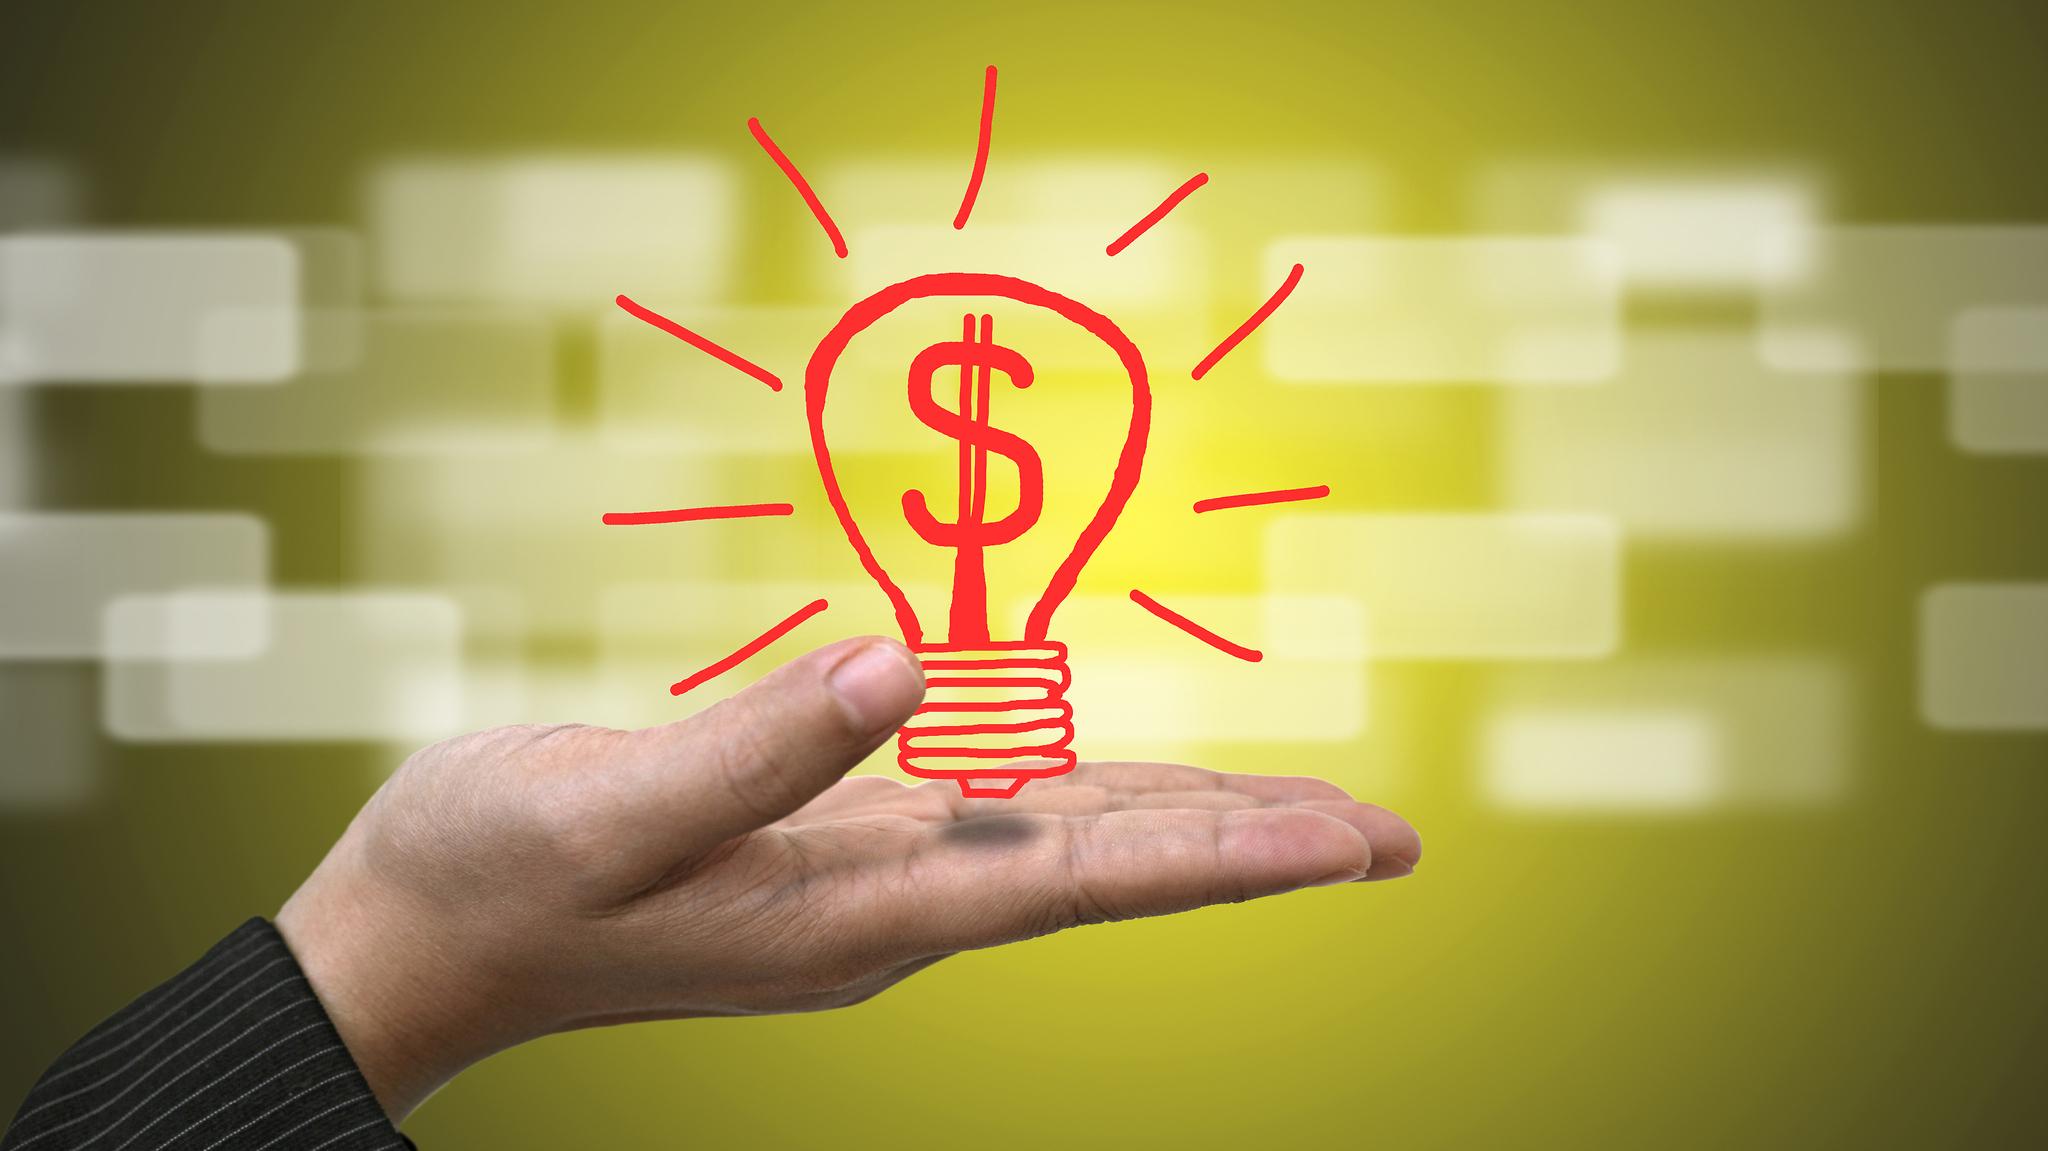 Идеи для бизнеса с нуля в домашних условиях своими руками